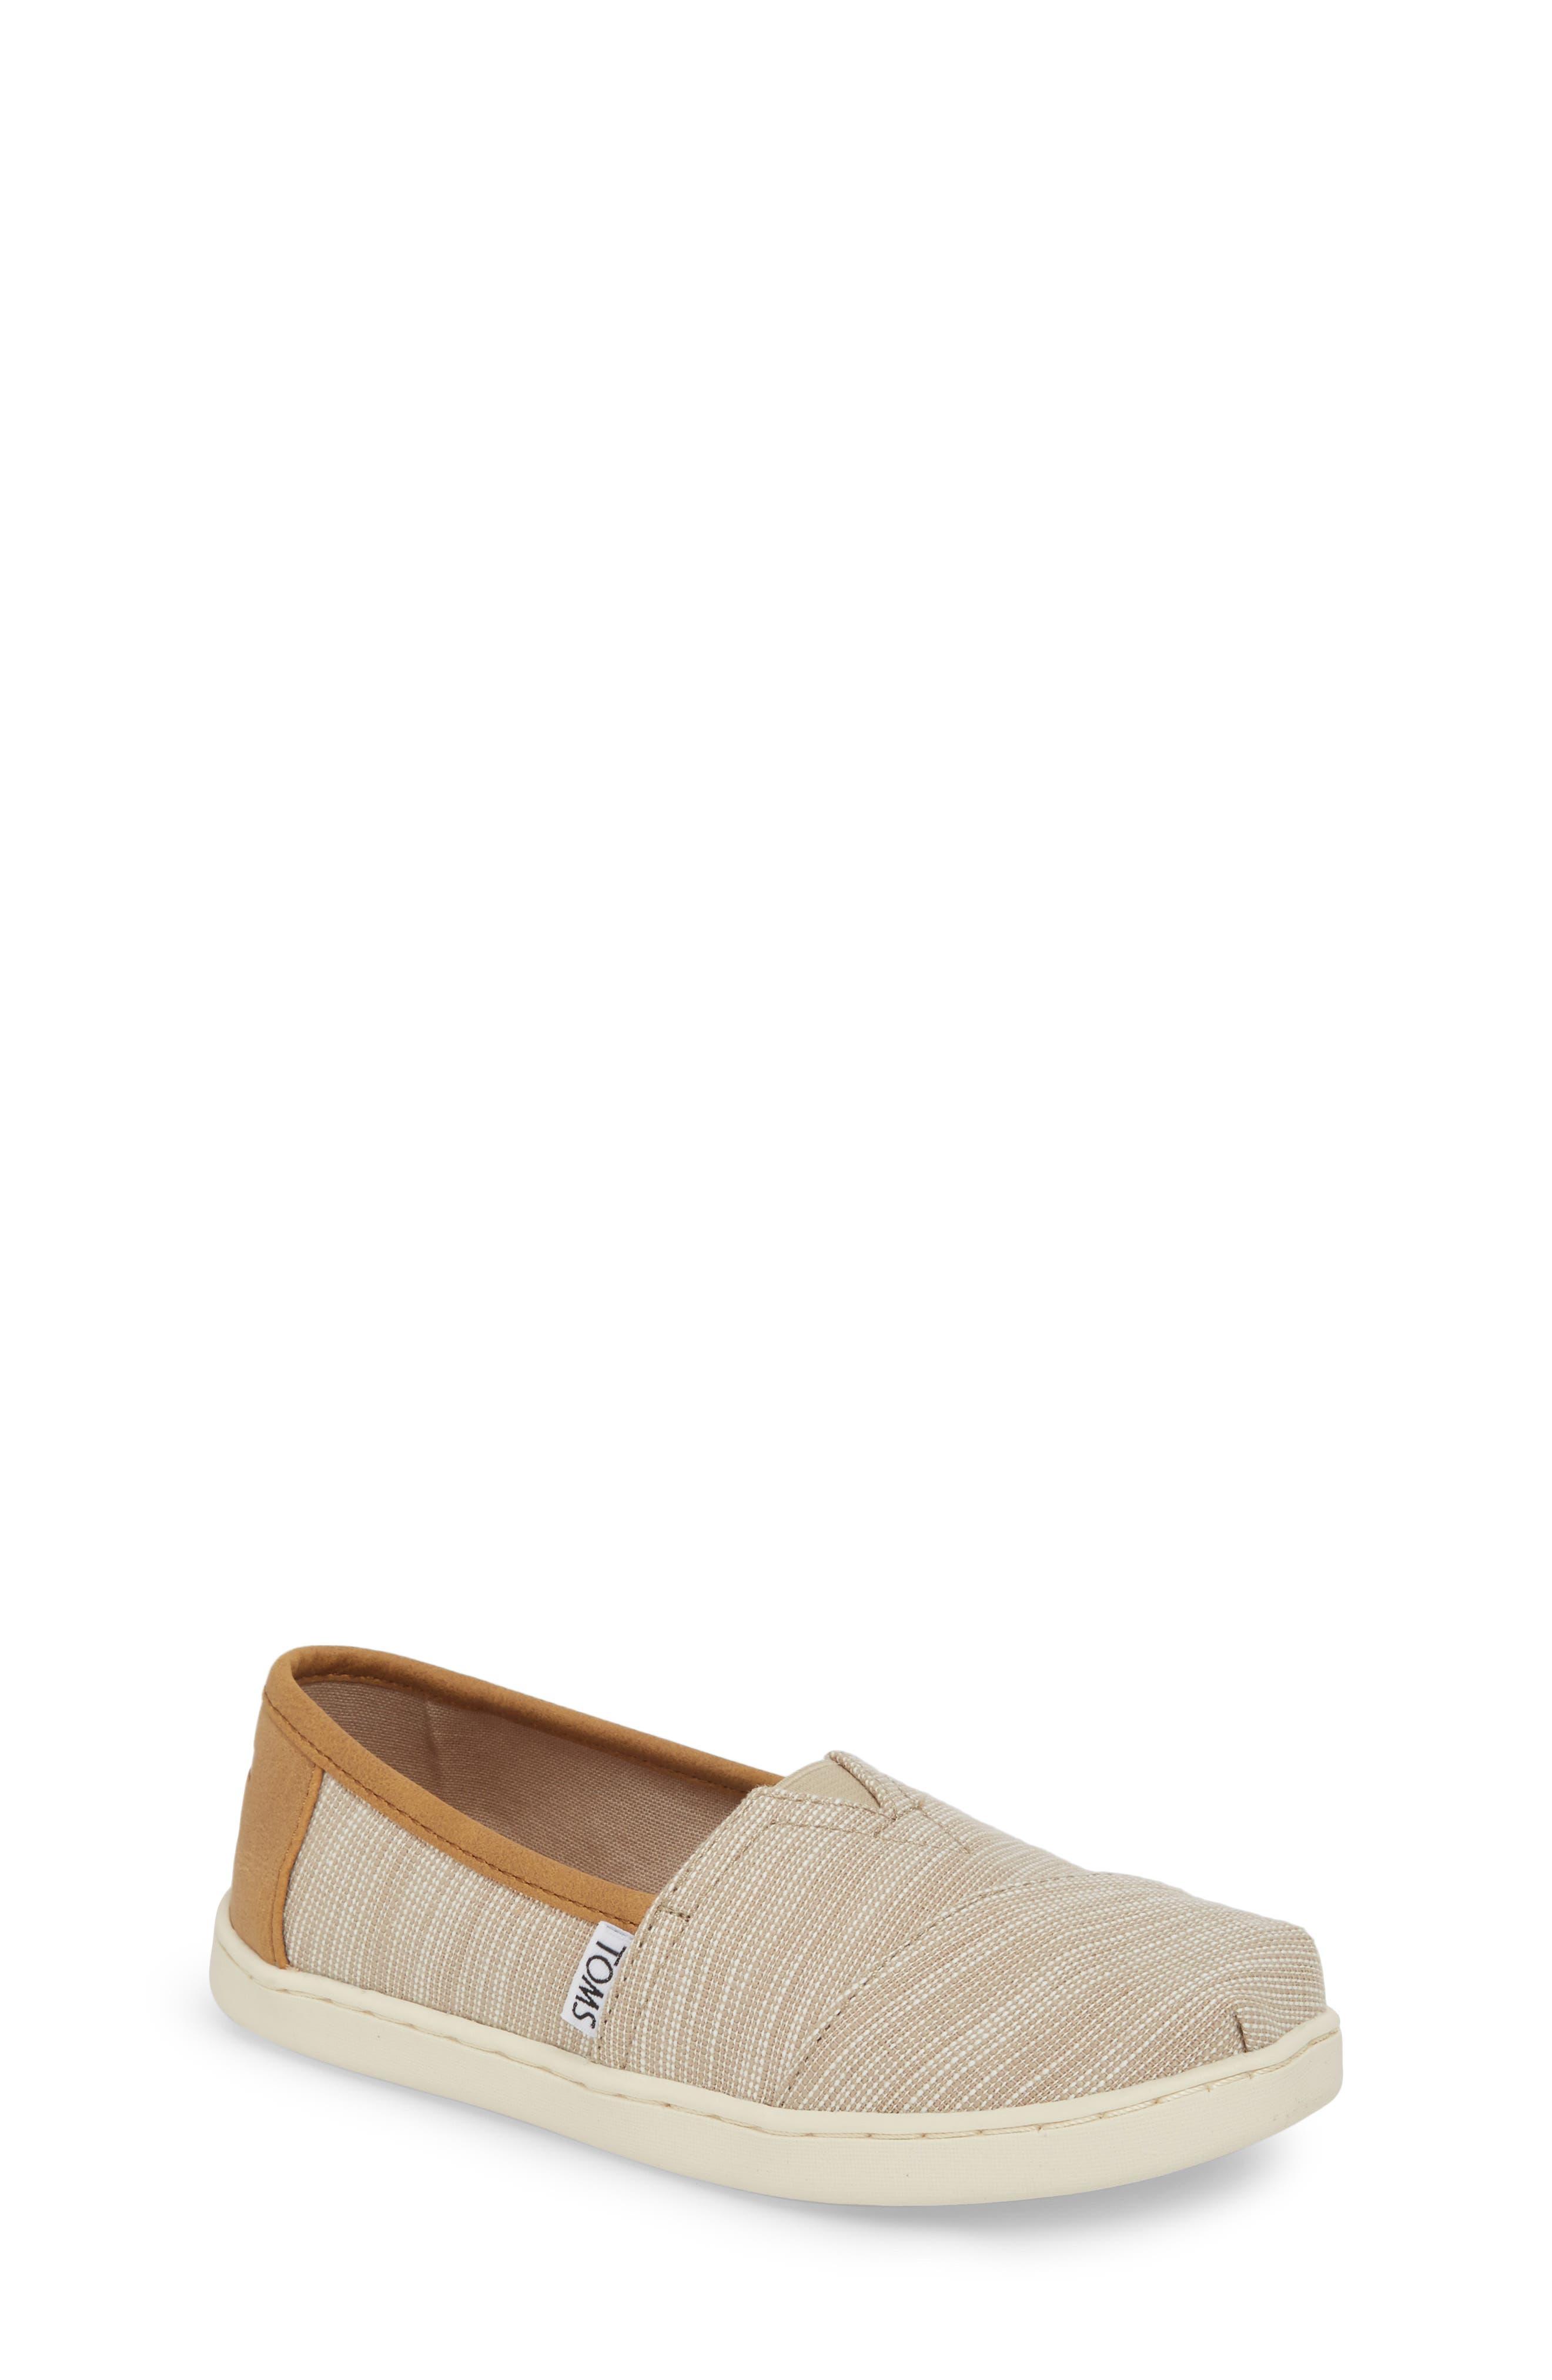 Classic Alpargata Slip-On,                         Main,                         color, Oxford Tan Stripe Chambray